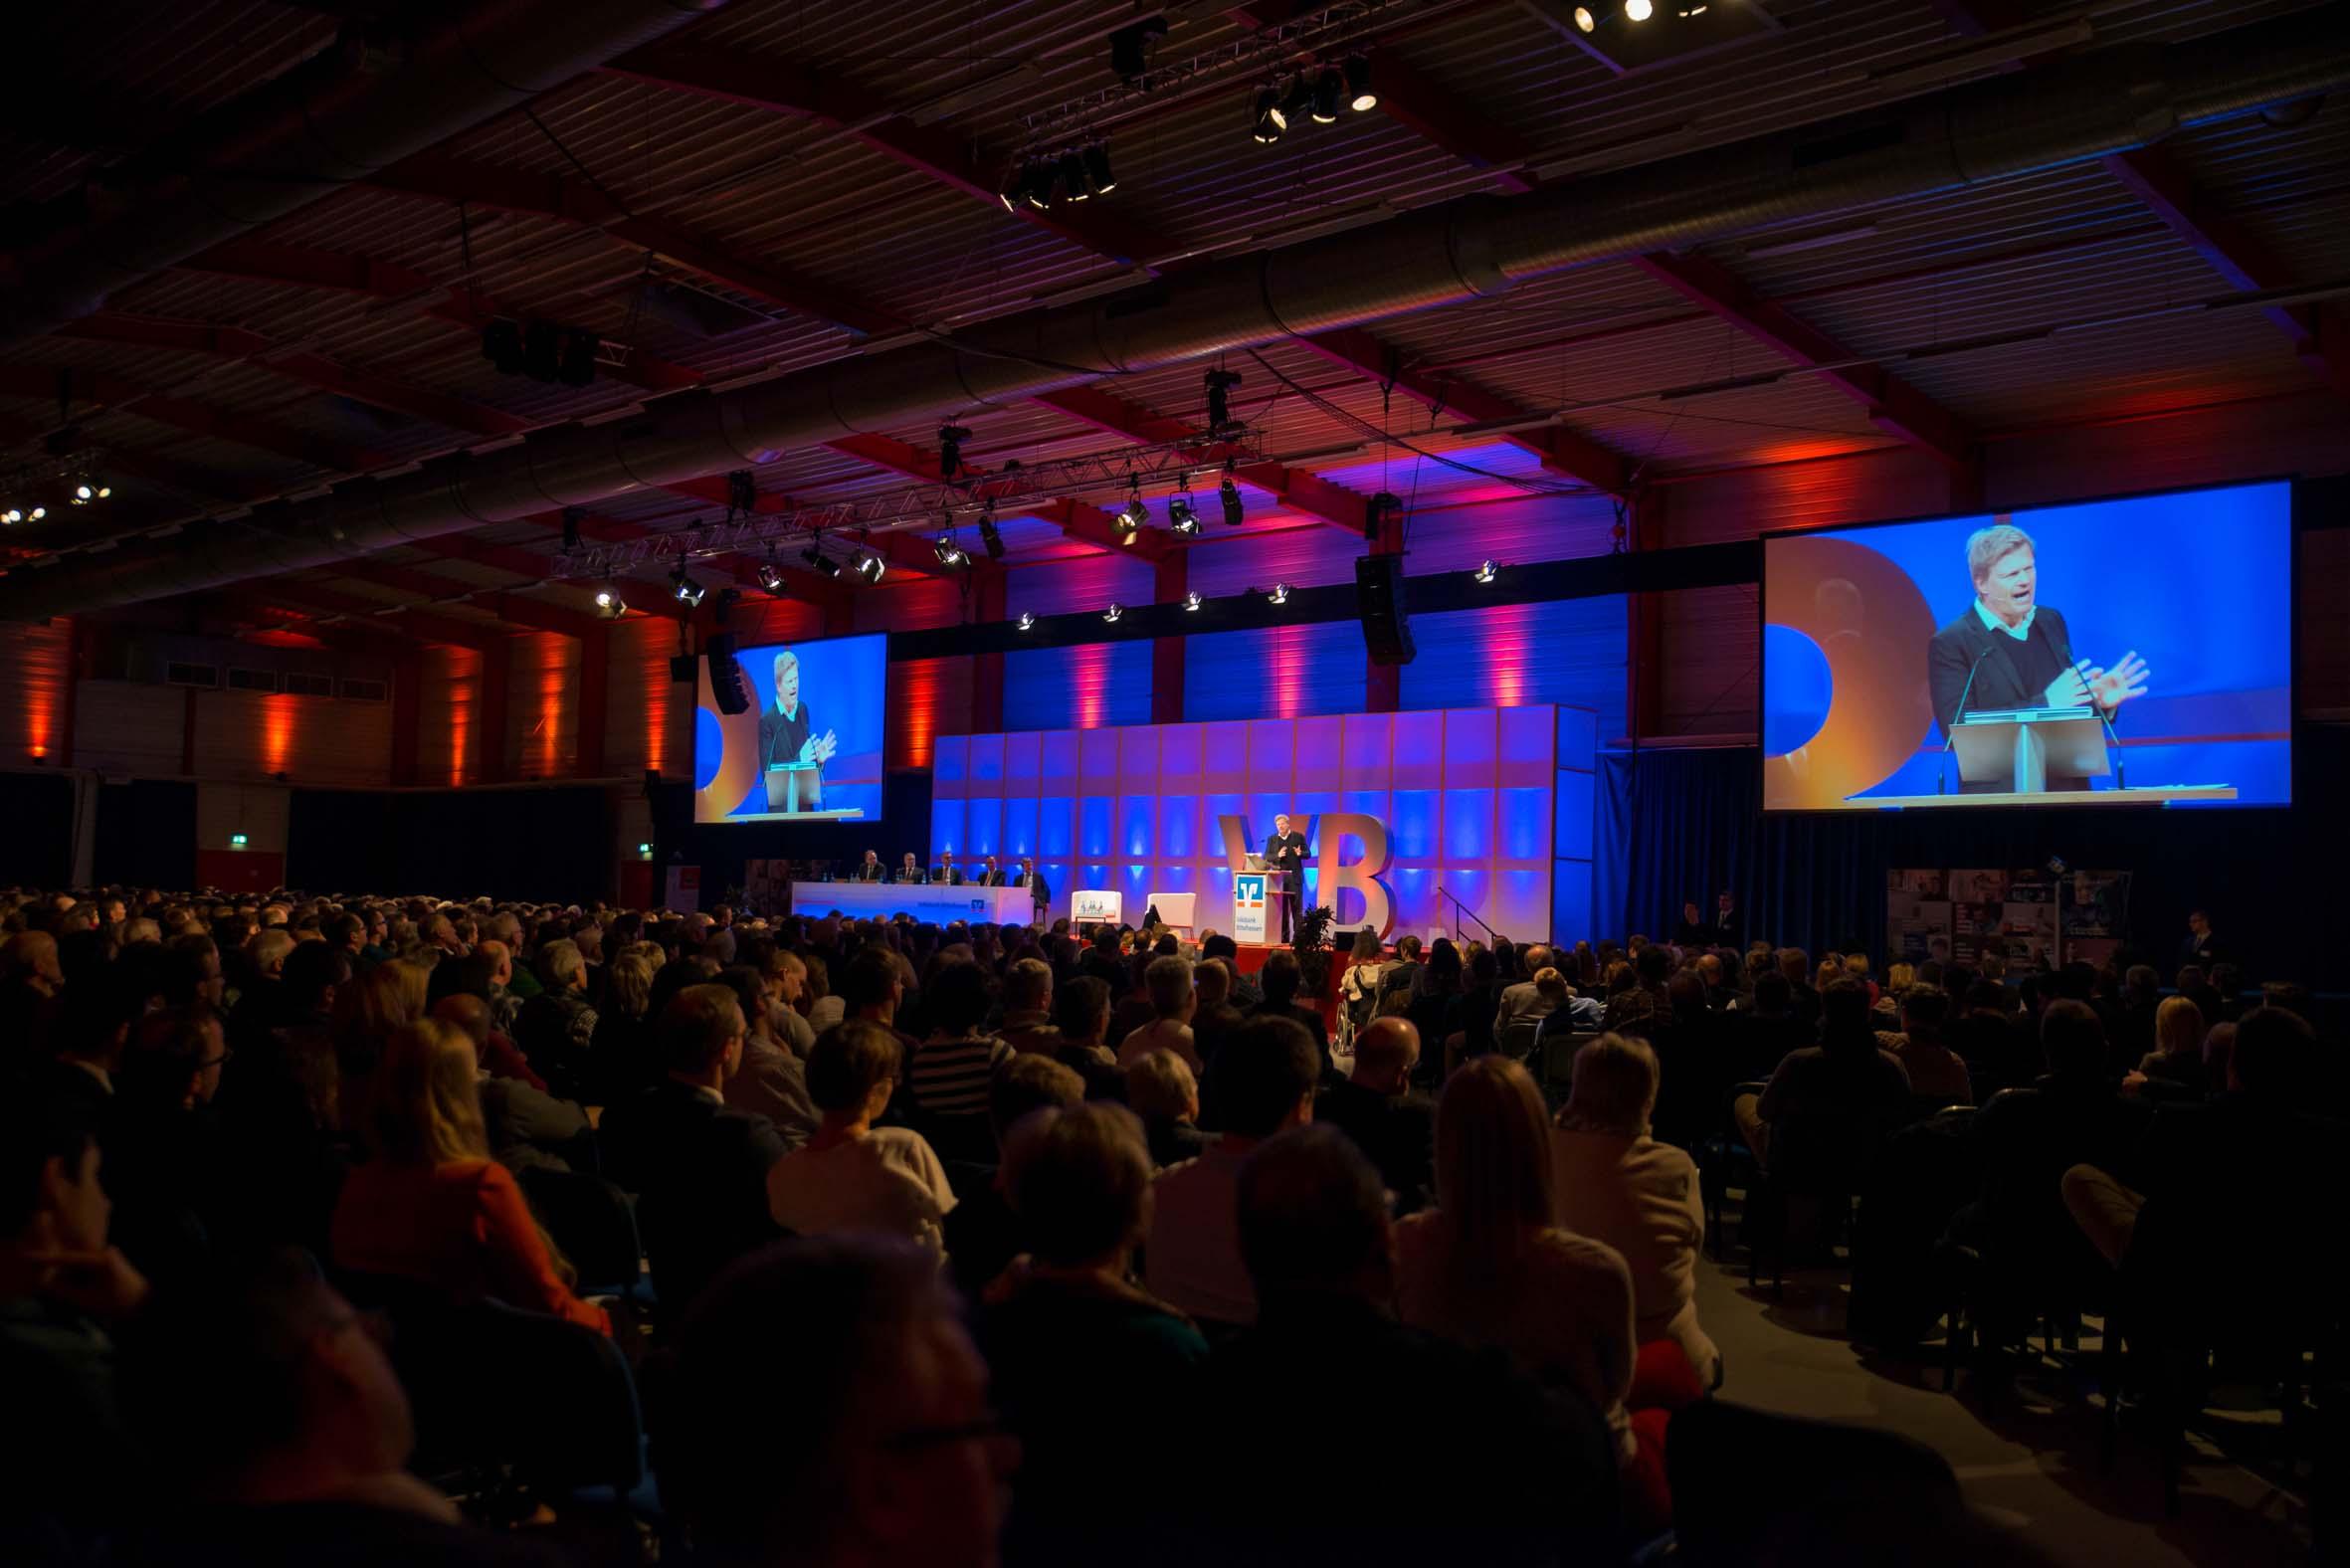 Bildergalerie Mitgliederversammlung 2015 in Gießen, Bild 50